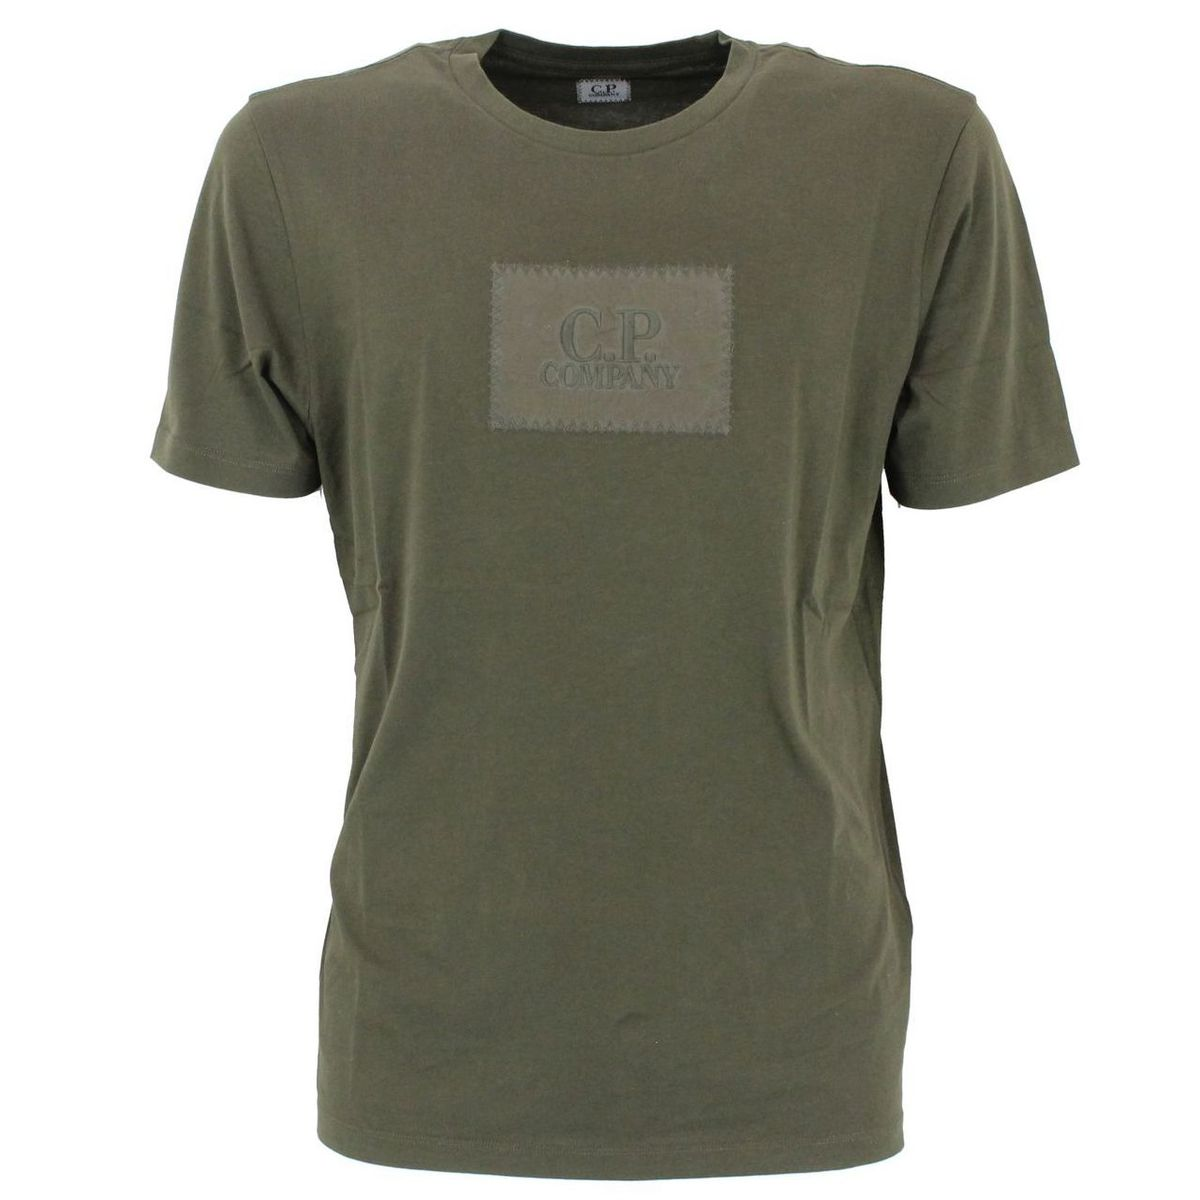 T-shirt a maniche corte in sottile cotone Verde C.P. Company